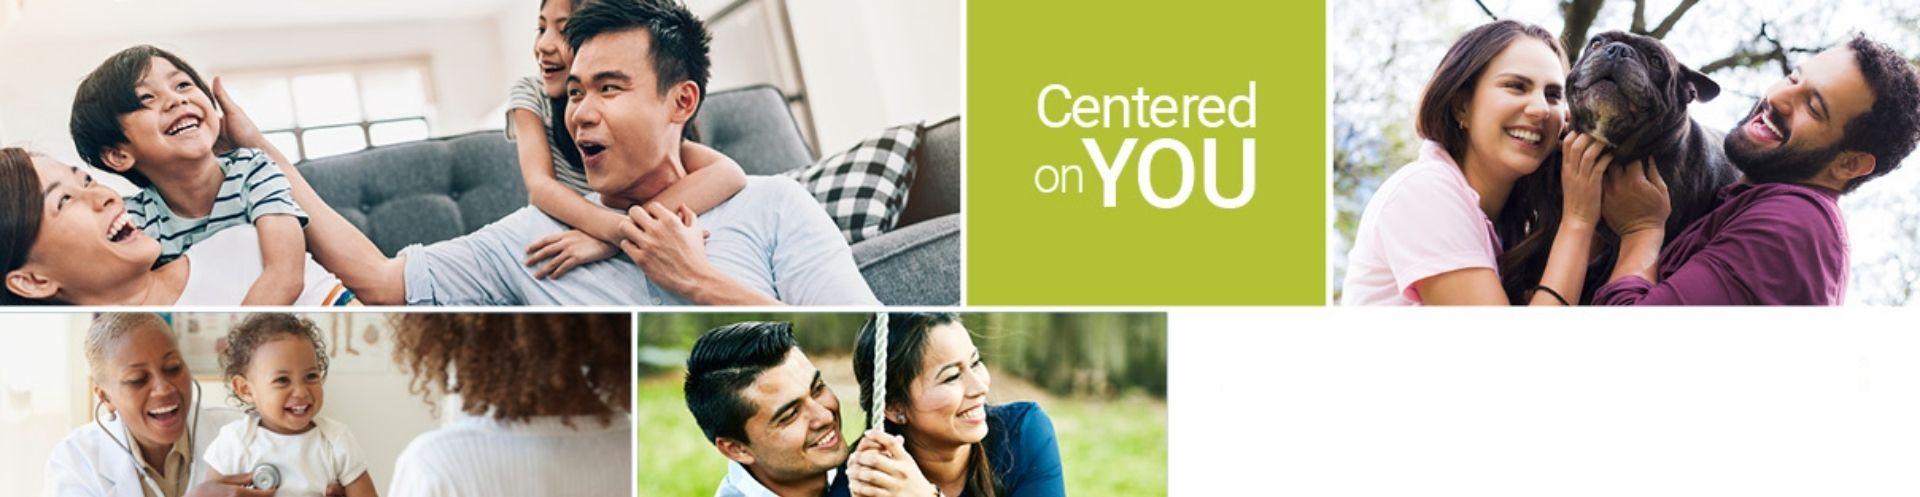 2022 Open Enrollment is Oct 25 - Nov 5, 2021